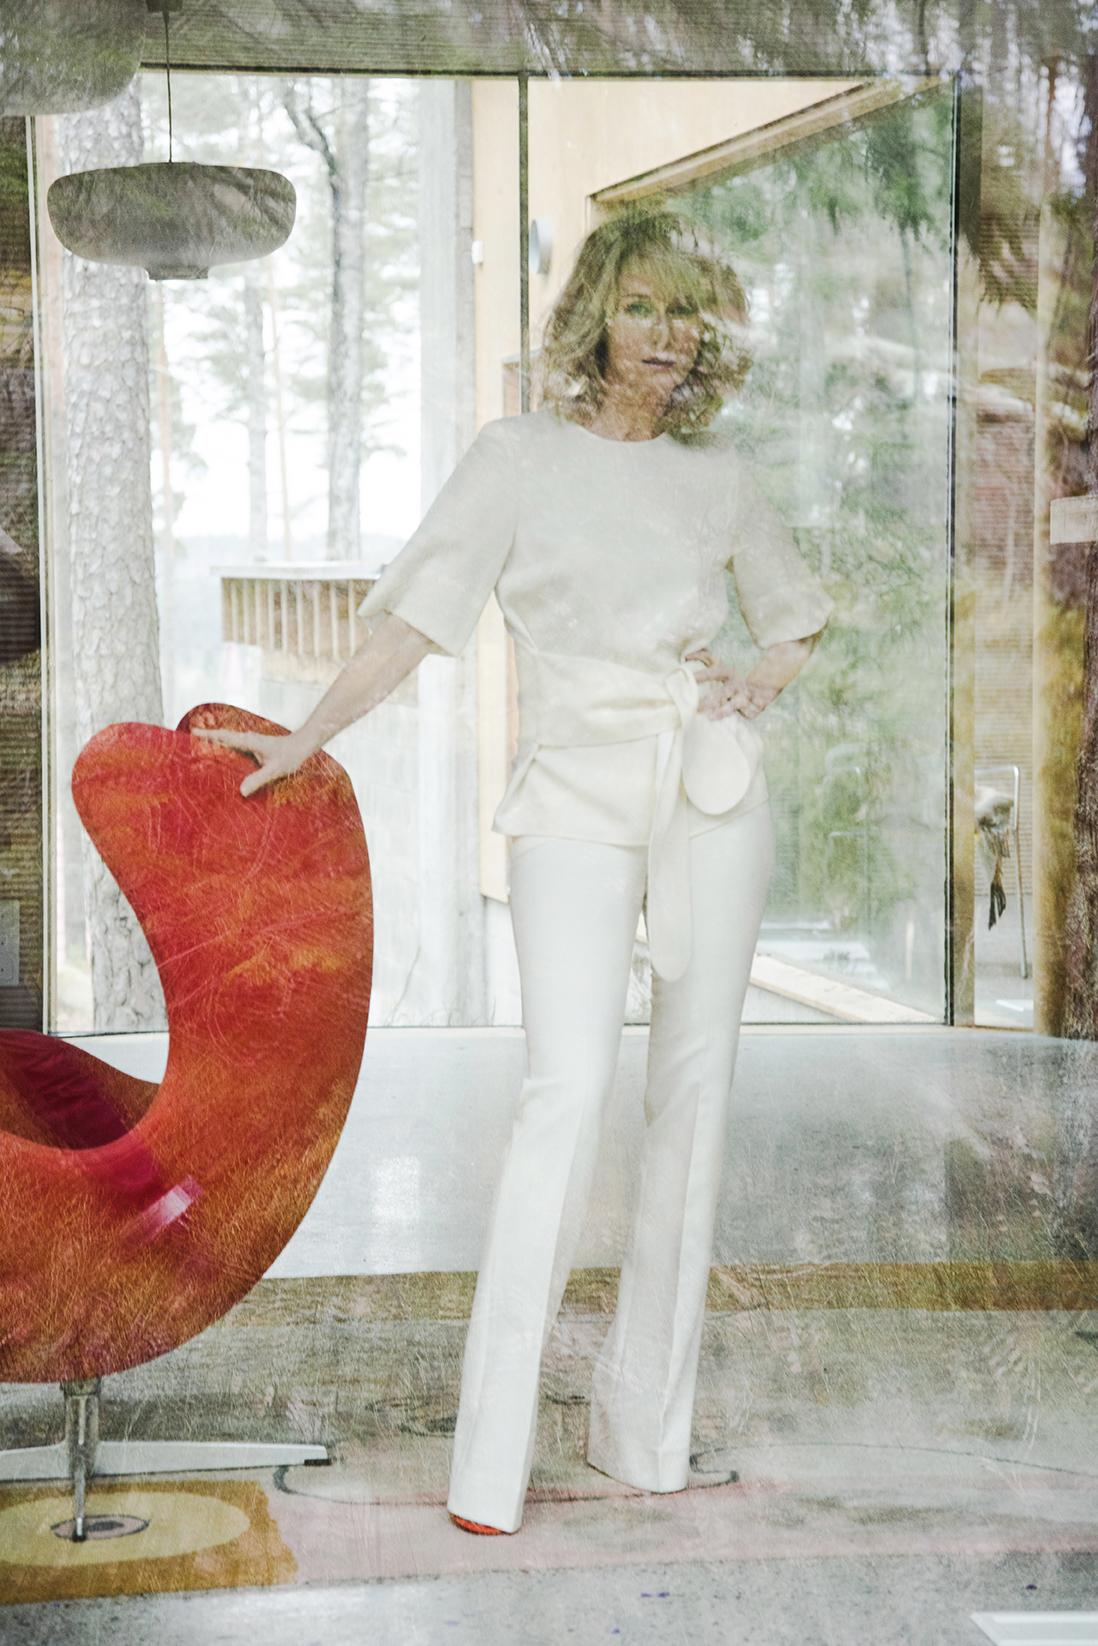 Victoria Beckhamin jo klassikon asemaan nousseet housut, jotka tekevät sääristä ja takamuksesta uskomattoman kauniit, 519 e. Vyötäröltä kietaistava yläosa, 359 e, on myös  Victoria Beckhamin . Oranssit korkekorkoiset sandaalit  Kendall+Kylie 139 e. Koko asukokonaisuus  Stockmann .